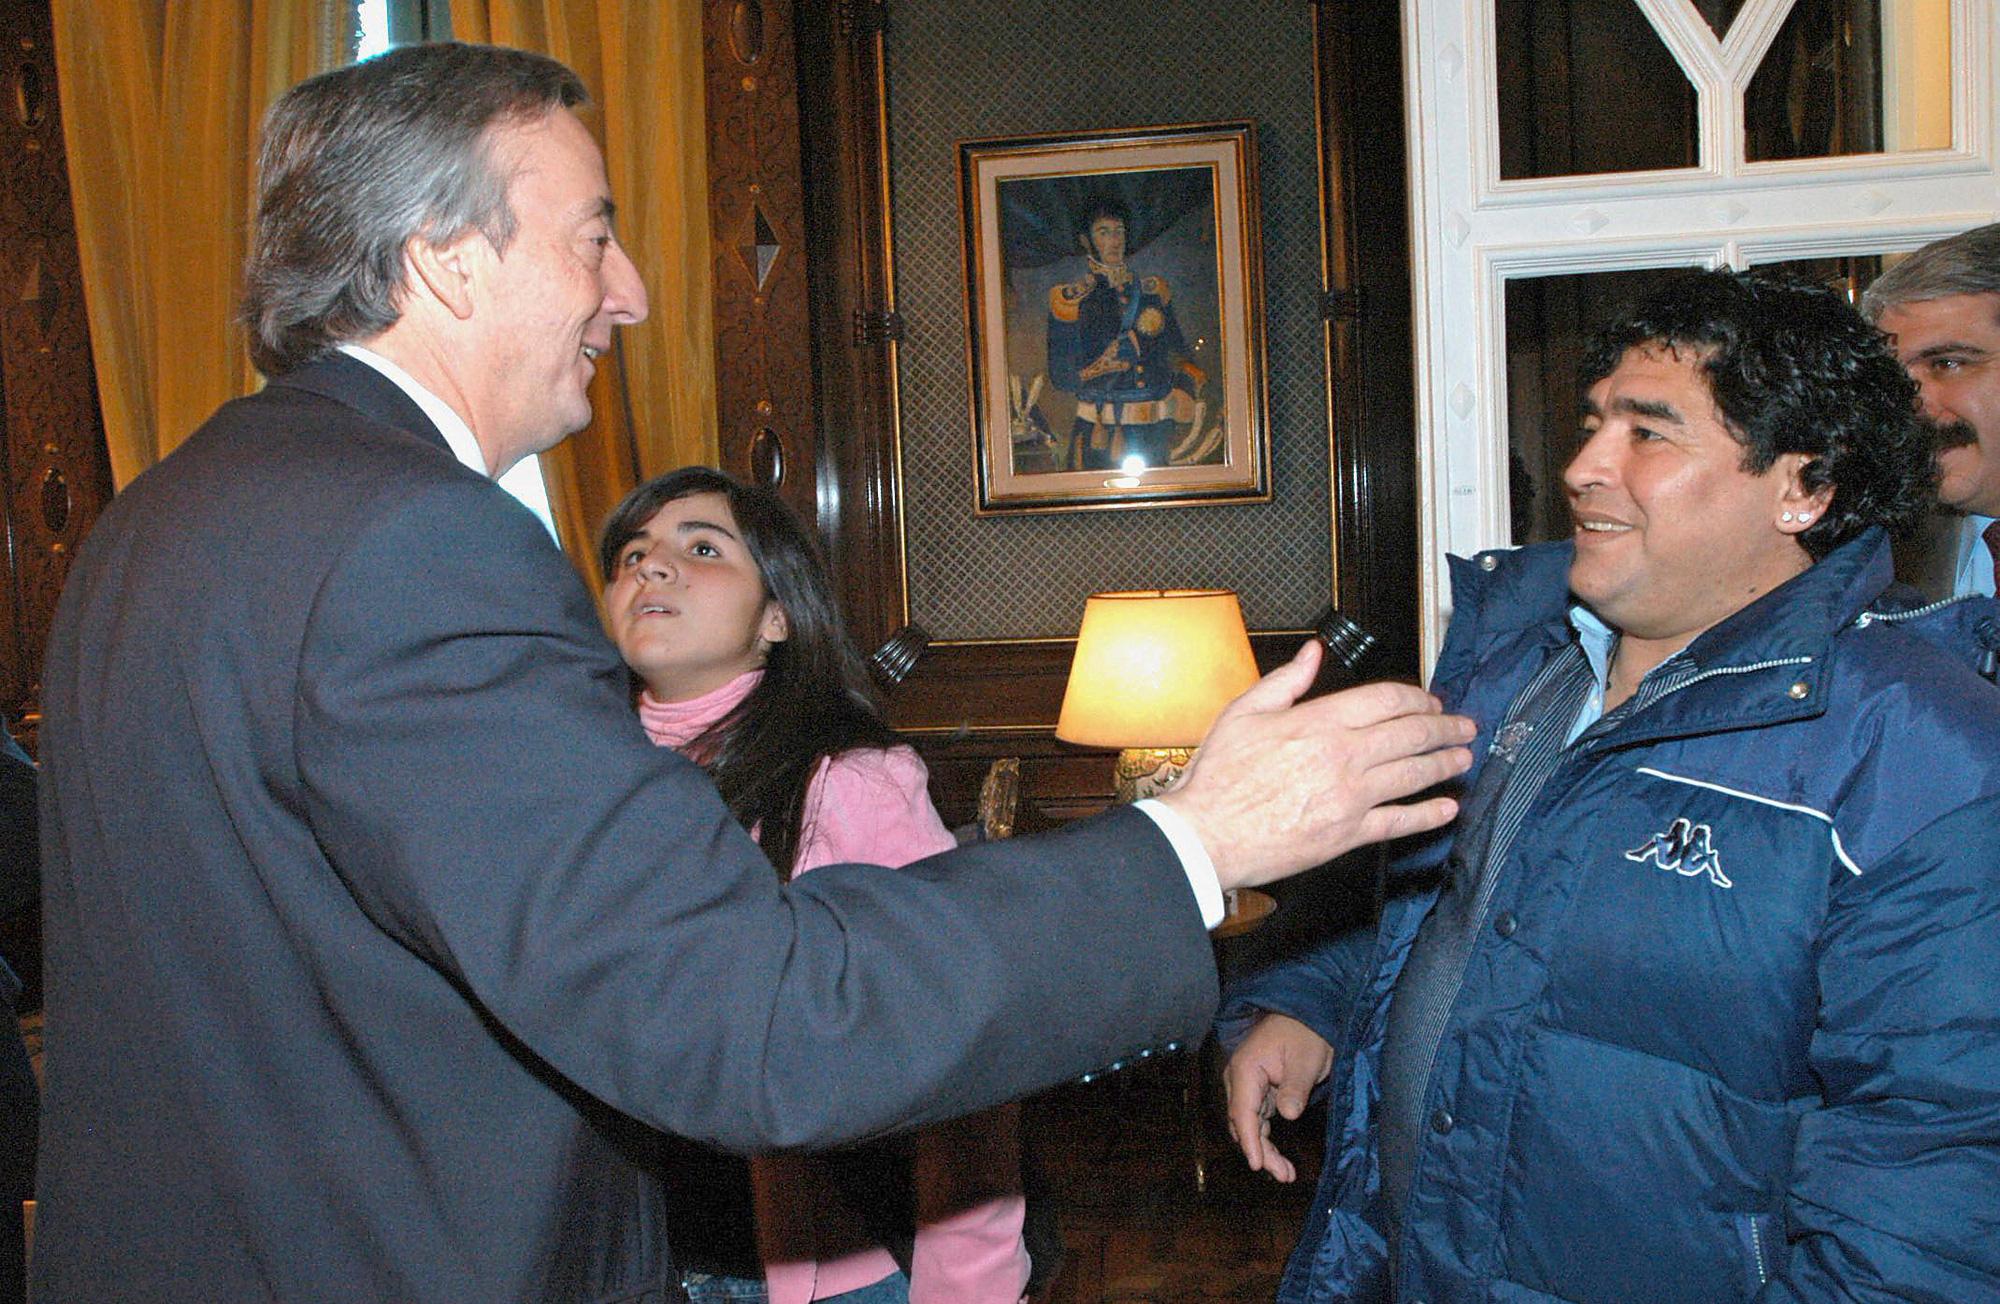 Cuộc đời Maradona qua ảnh: Đầy vinh quang nhưng cũng lắm tranh cãi - Ảnh 16.